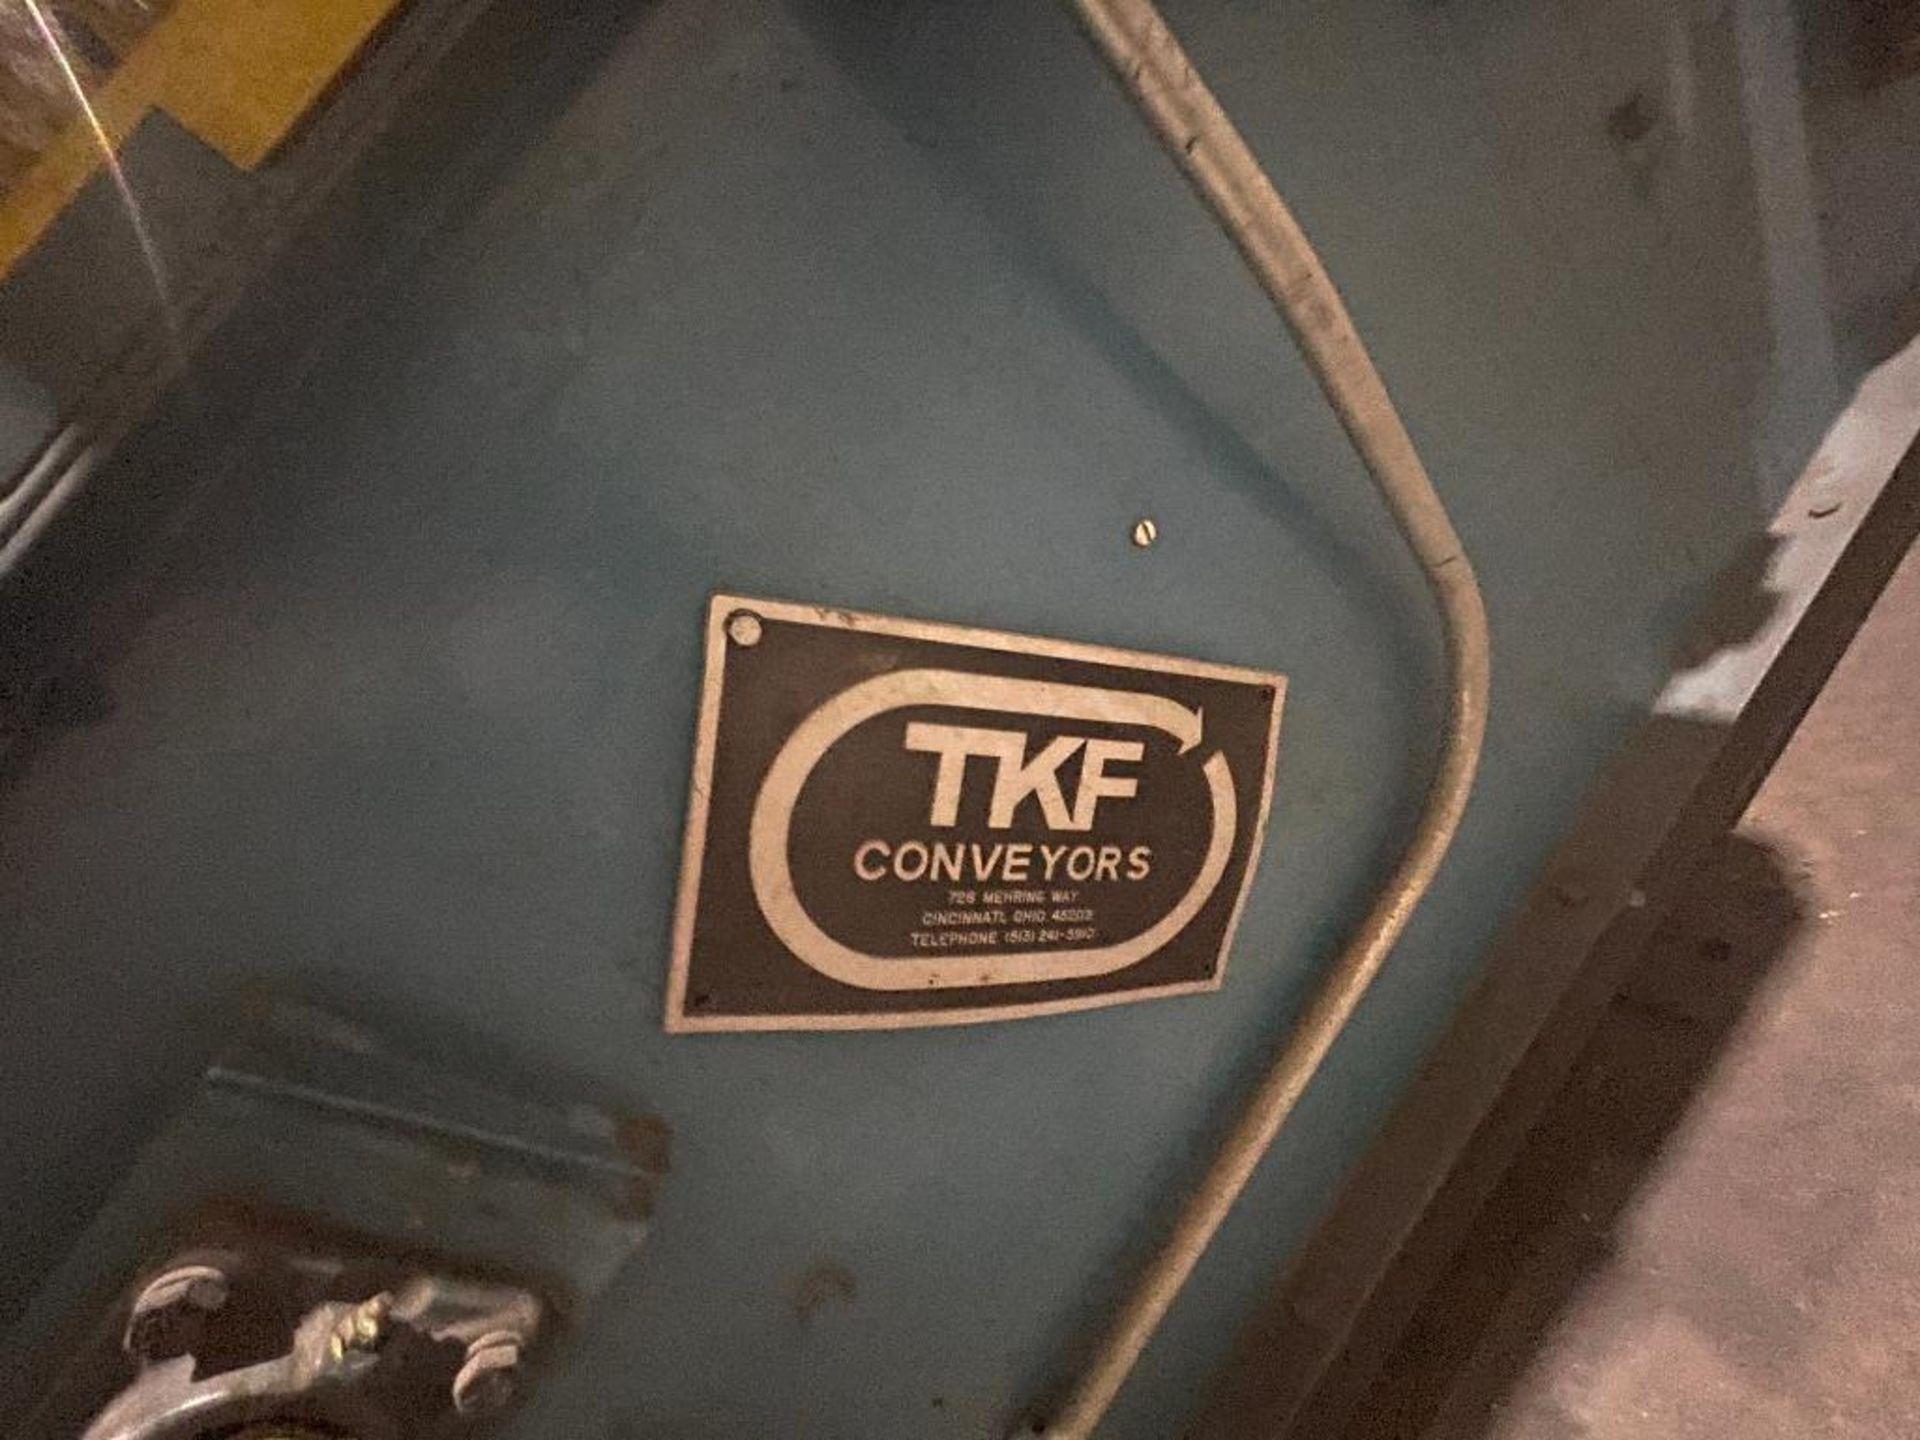 TKF vertical case elevator - Image 5 of 14